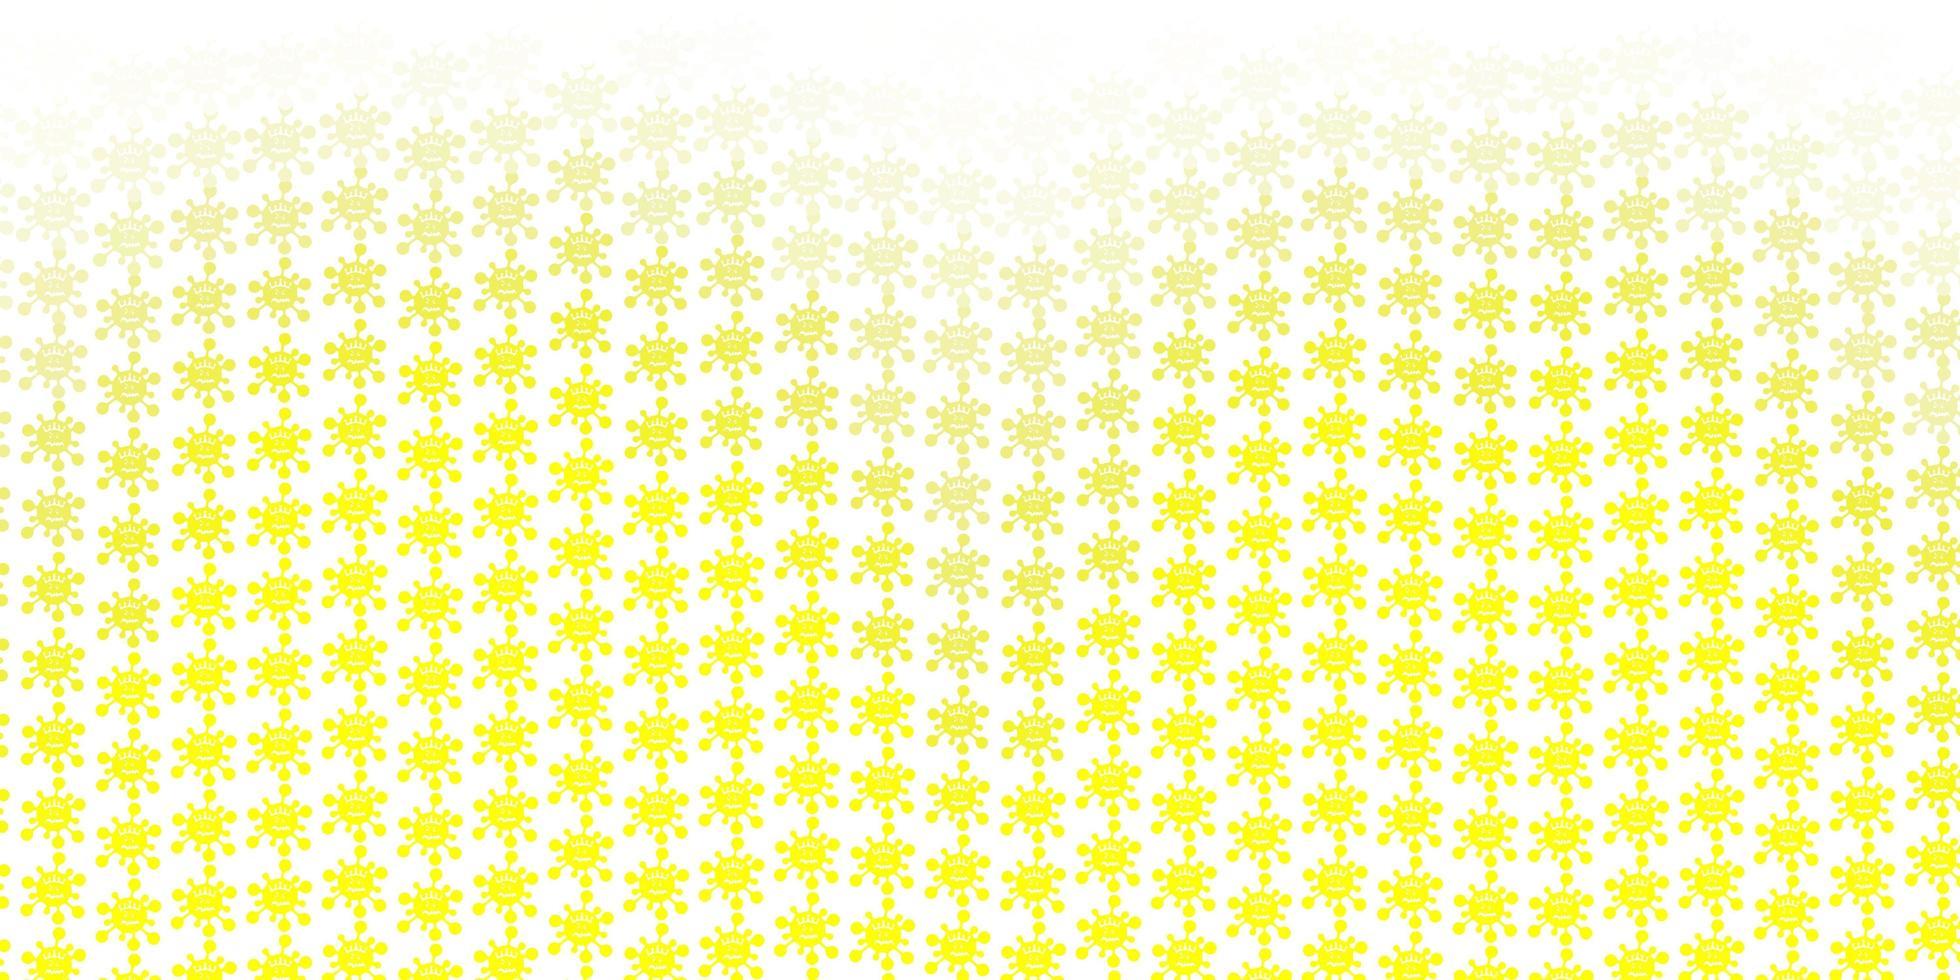 textura de vetor amarelo claro com símbolos de doença.